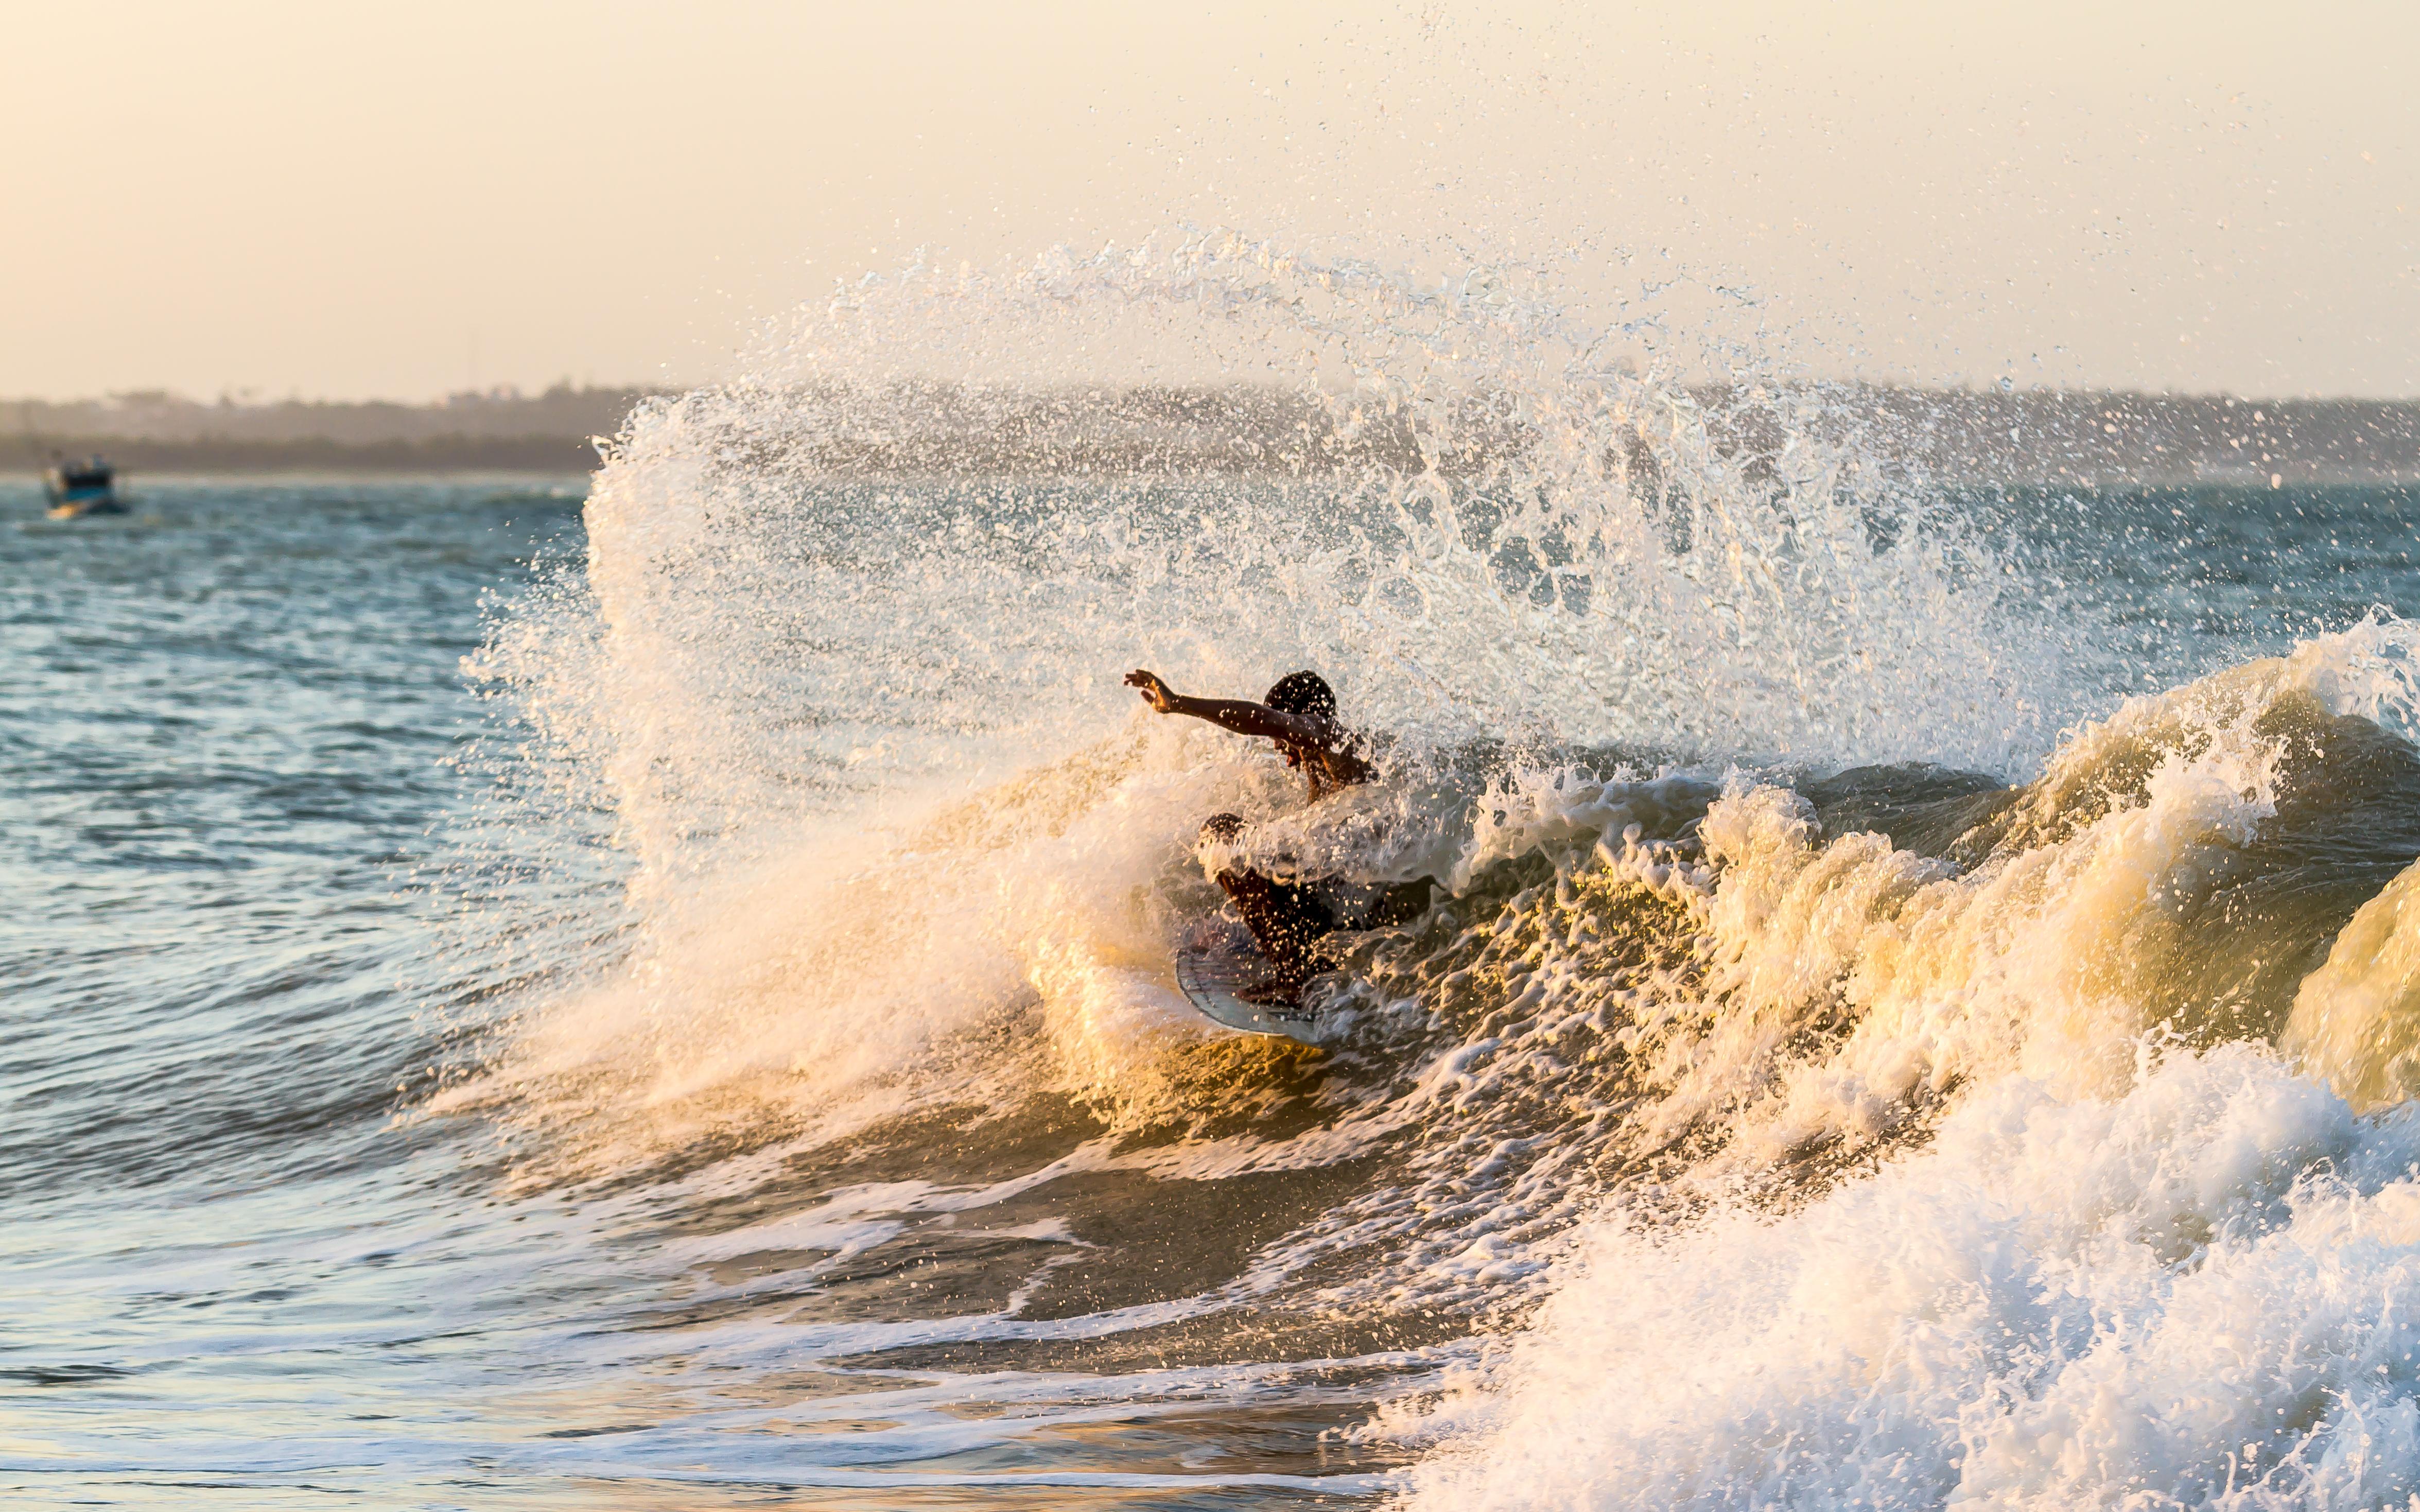 Boy Surfing Sea Wave